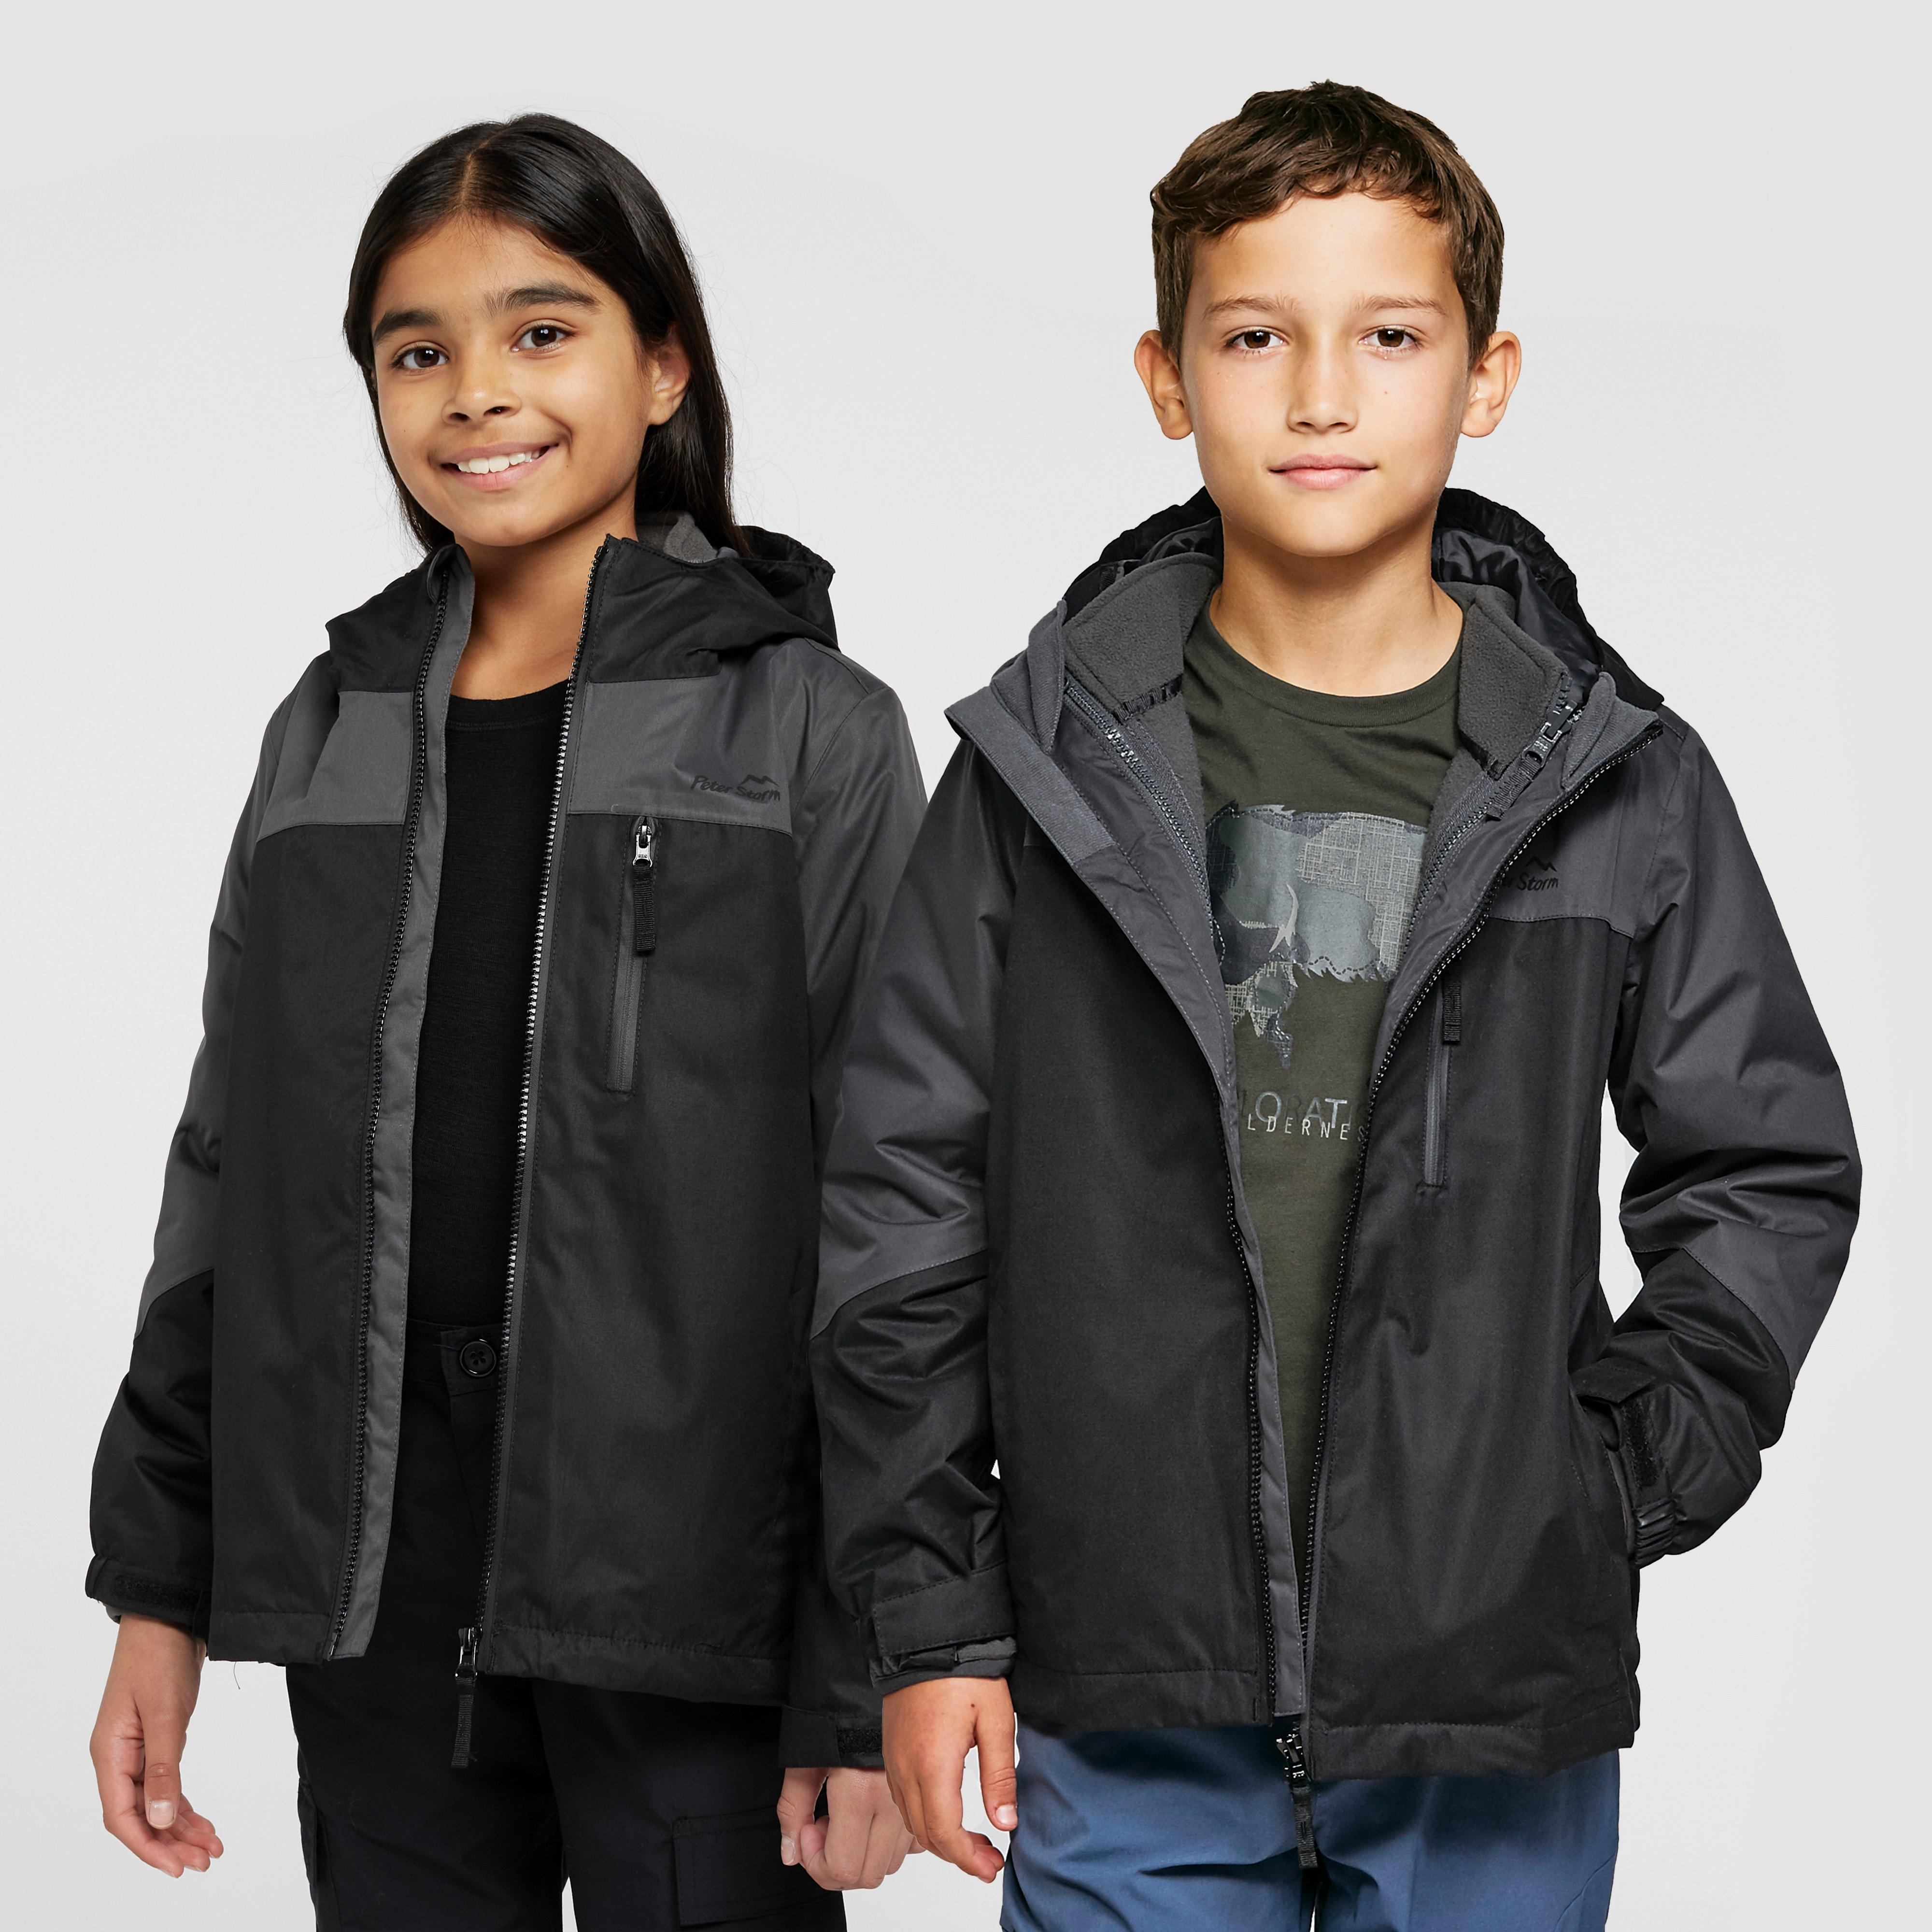 Peter Storm Kids' Lakes 3-In-1 Jacket - Black/Blk, Black